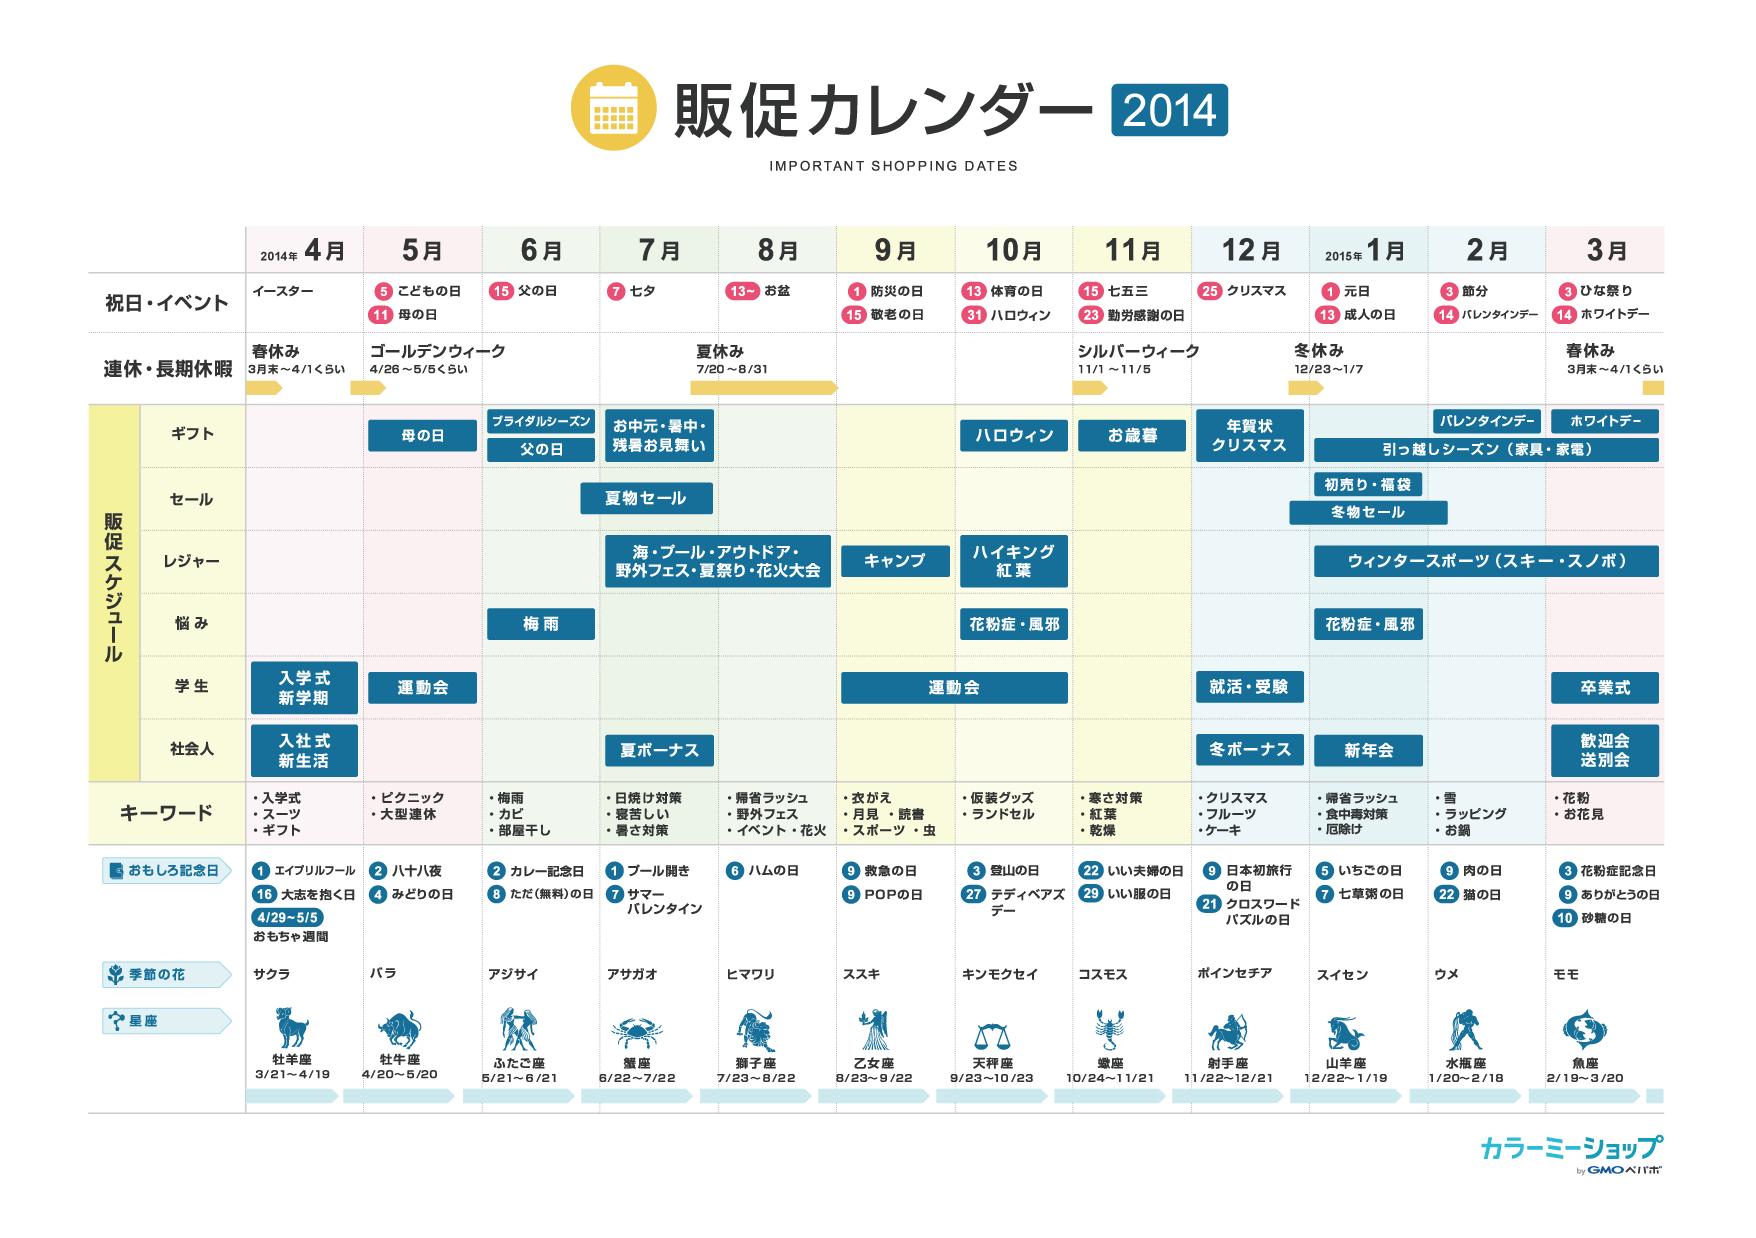 カレンダー カレンダー 2015 年間 ダウンロード : お客さんの心をつかむ販促 ...